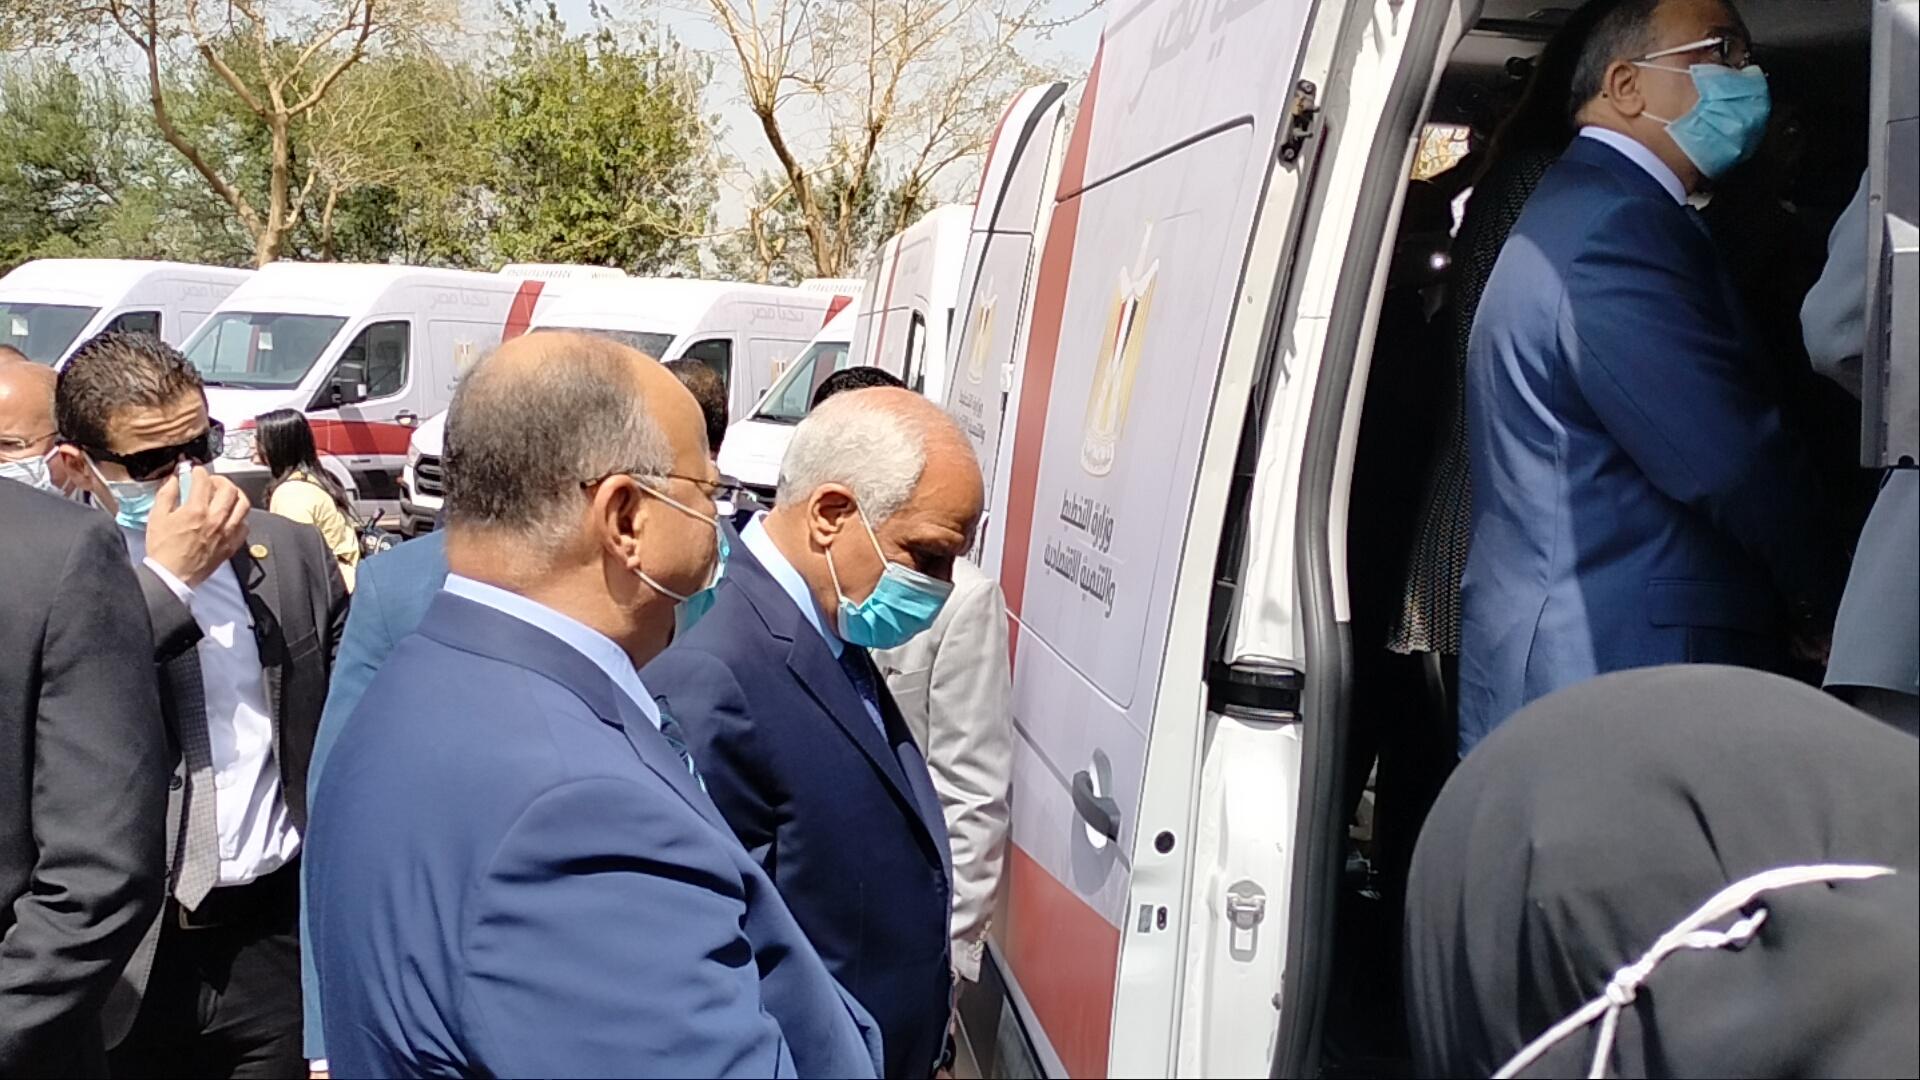 أول ١٠ سيارات مجهزة للعمل كمراكز تكنولوجية متنقلة لتقديم خدمات الأحياء للمواطنين